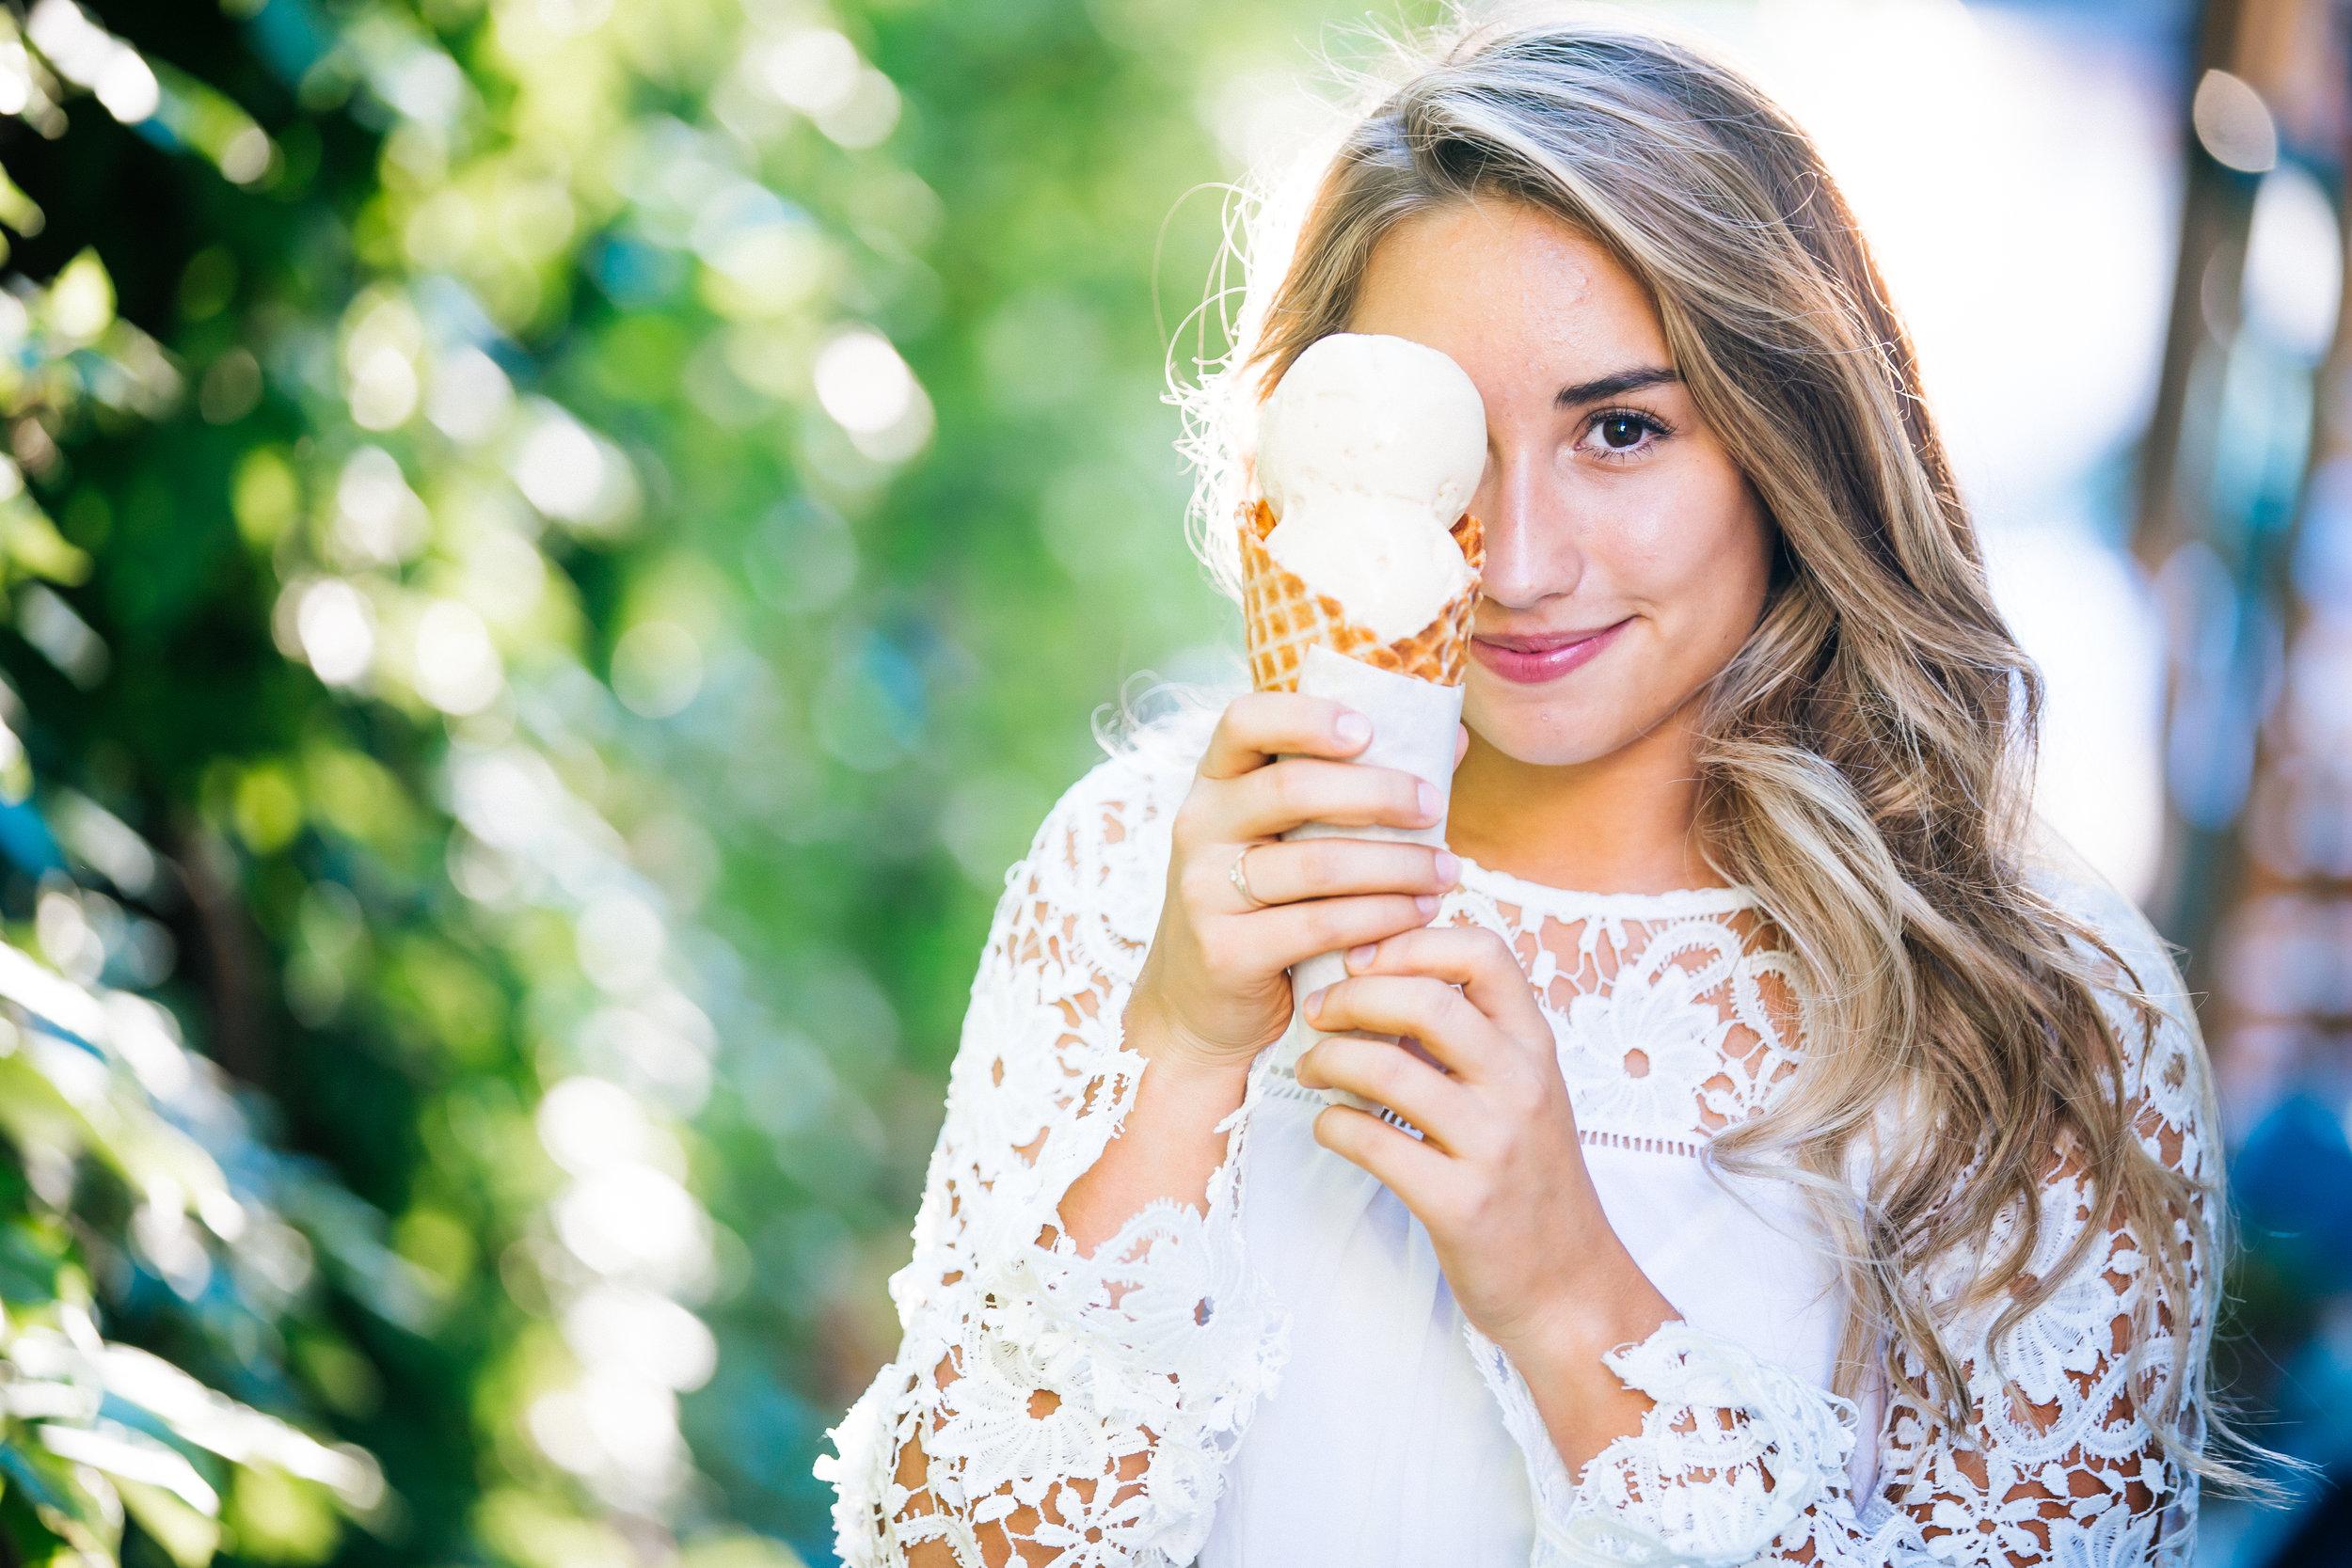 Ice cream cone picture